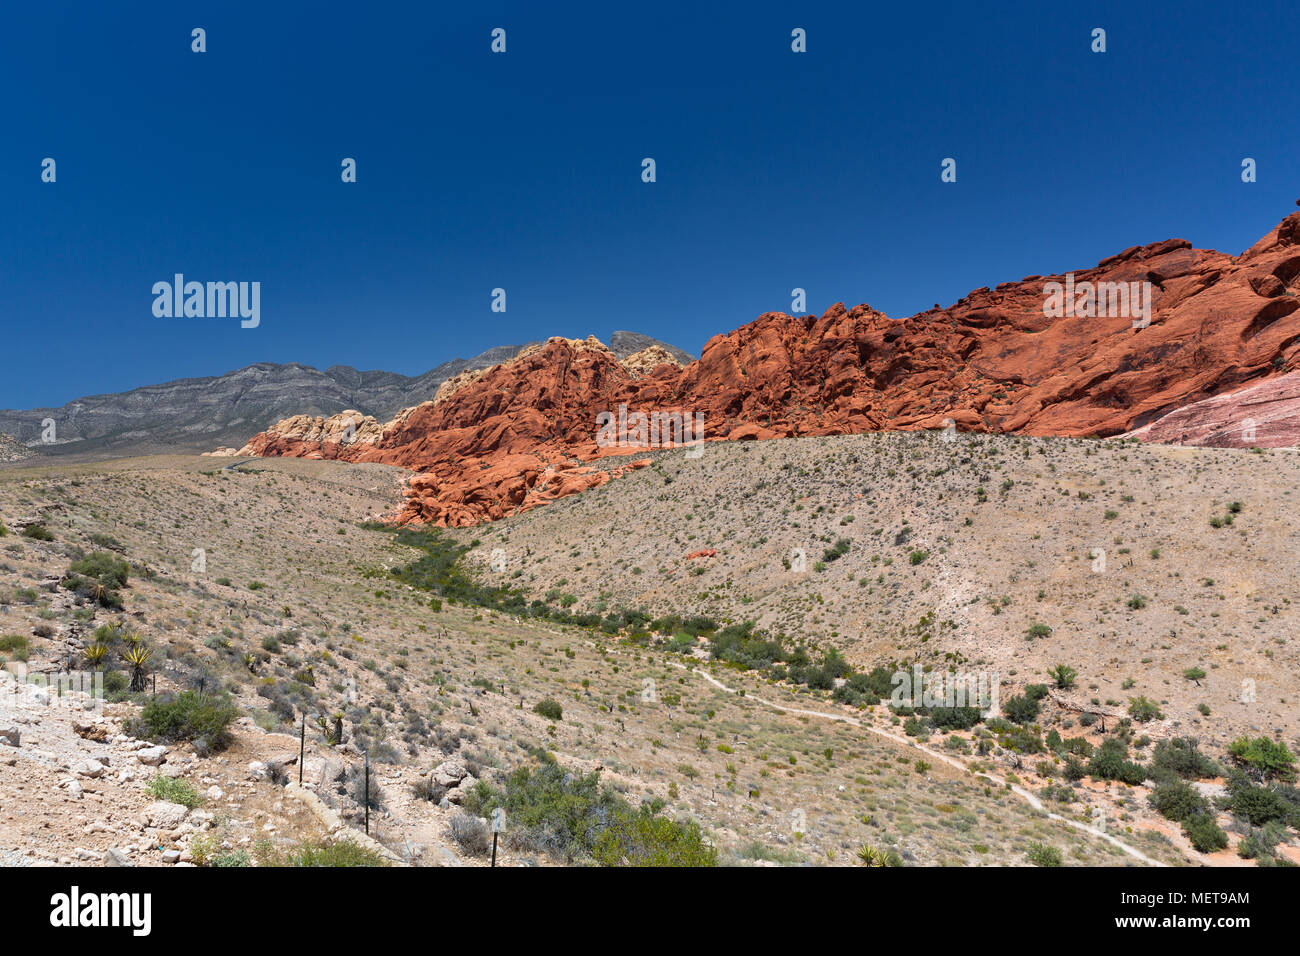 Il Red Rock Canyon contro un cielo azzurro - Las Vegas, Nevada Immagini Stock